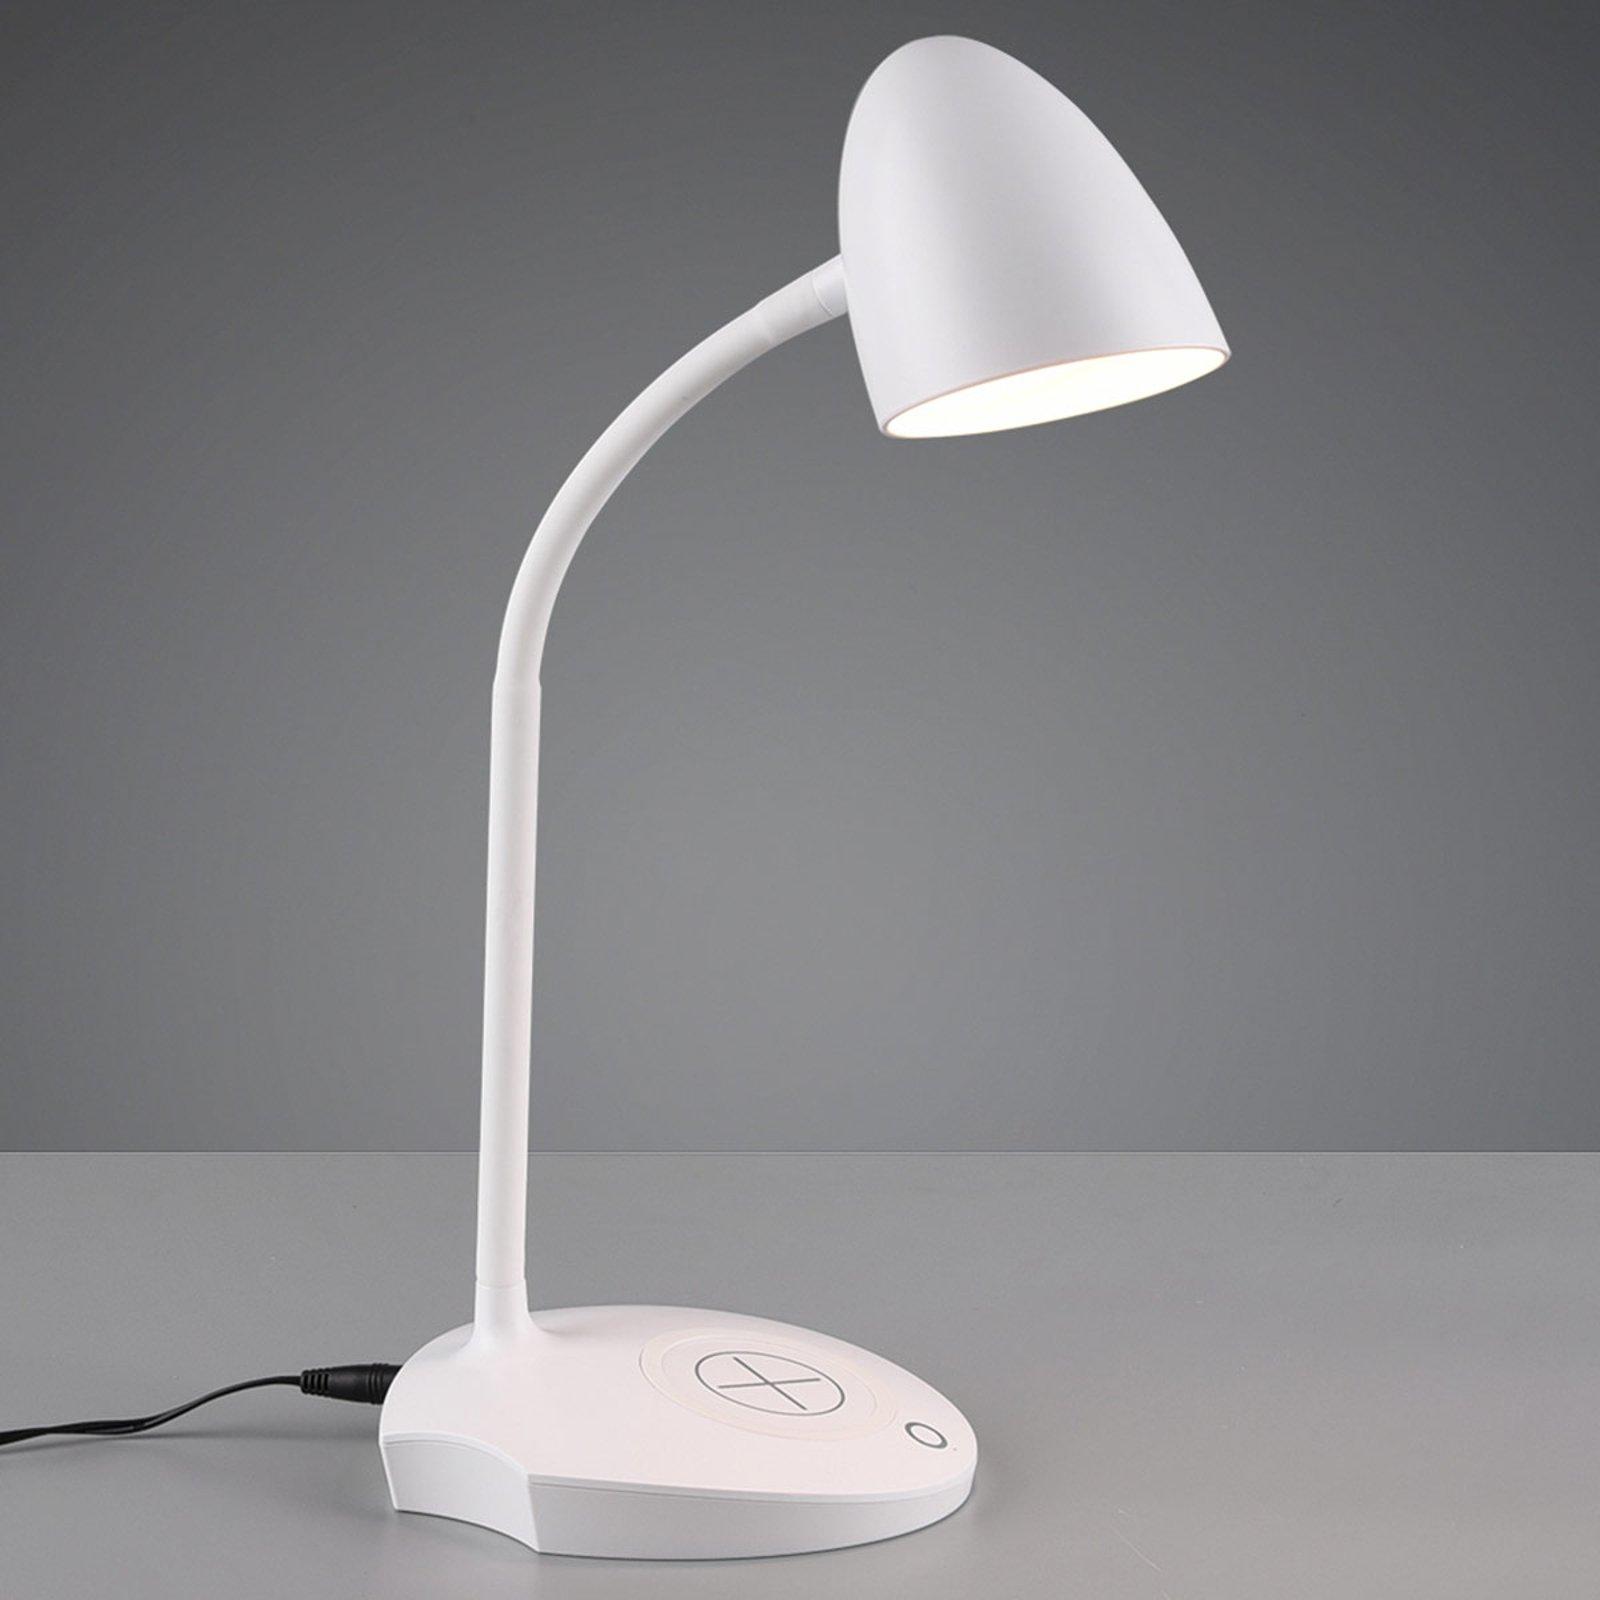 LED-bordlampe Load, induktiv ladestasjon, hvit